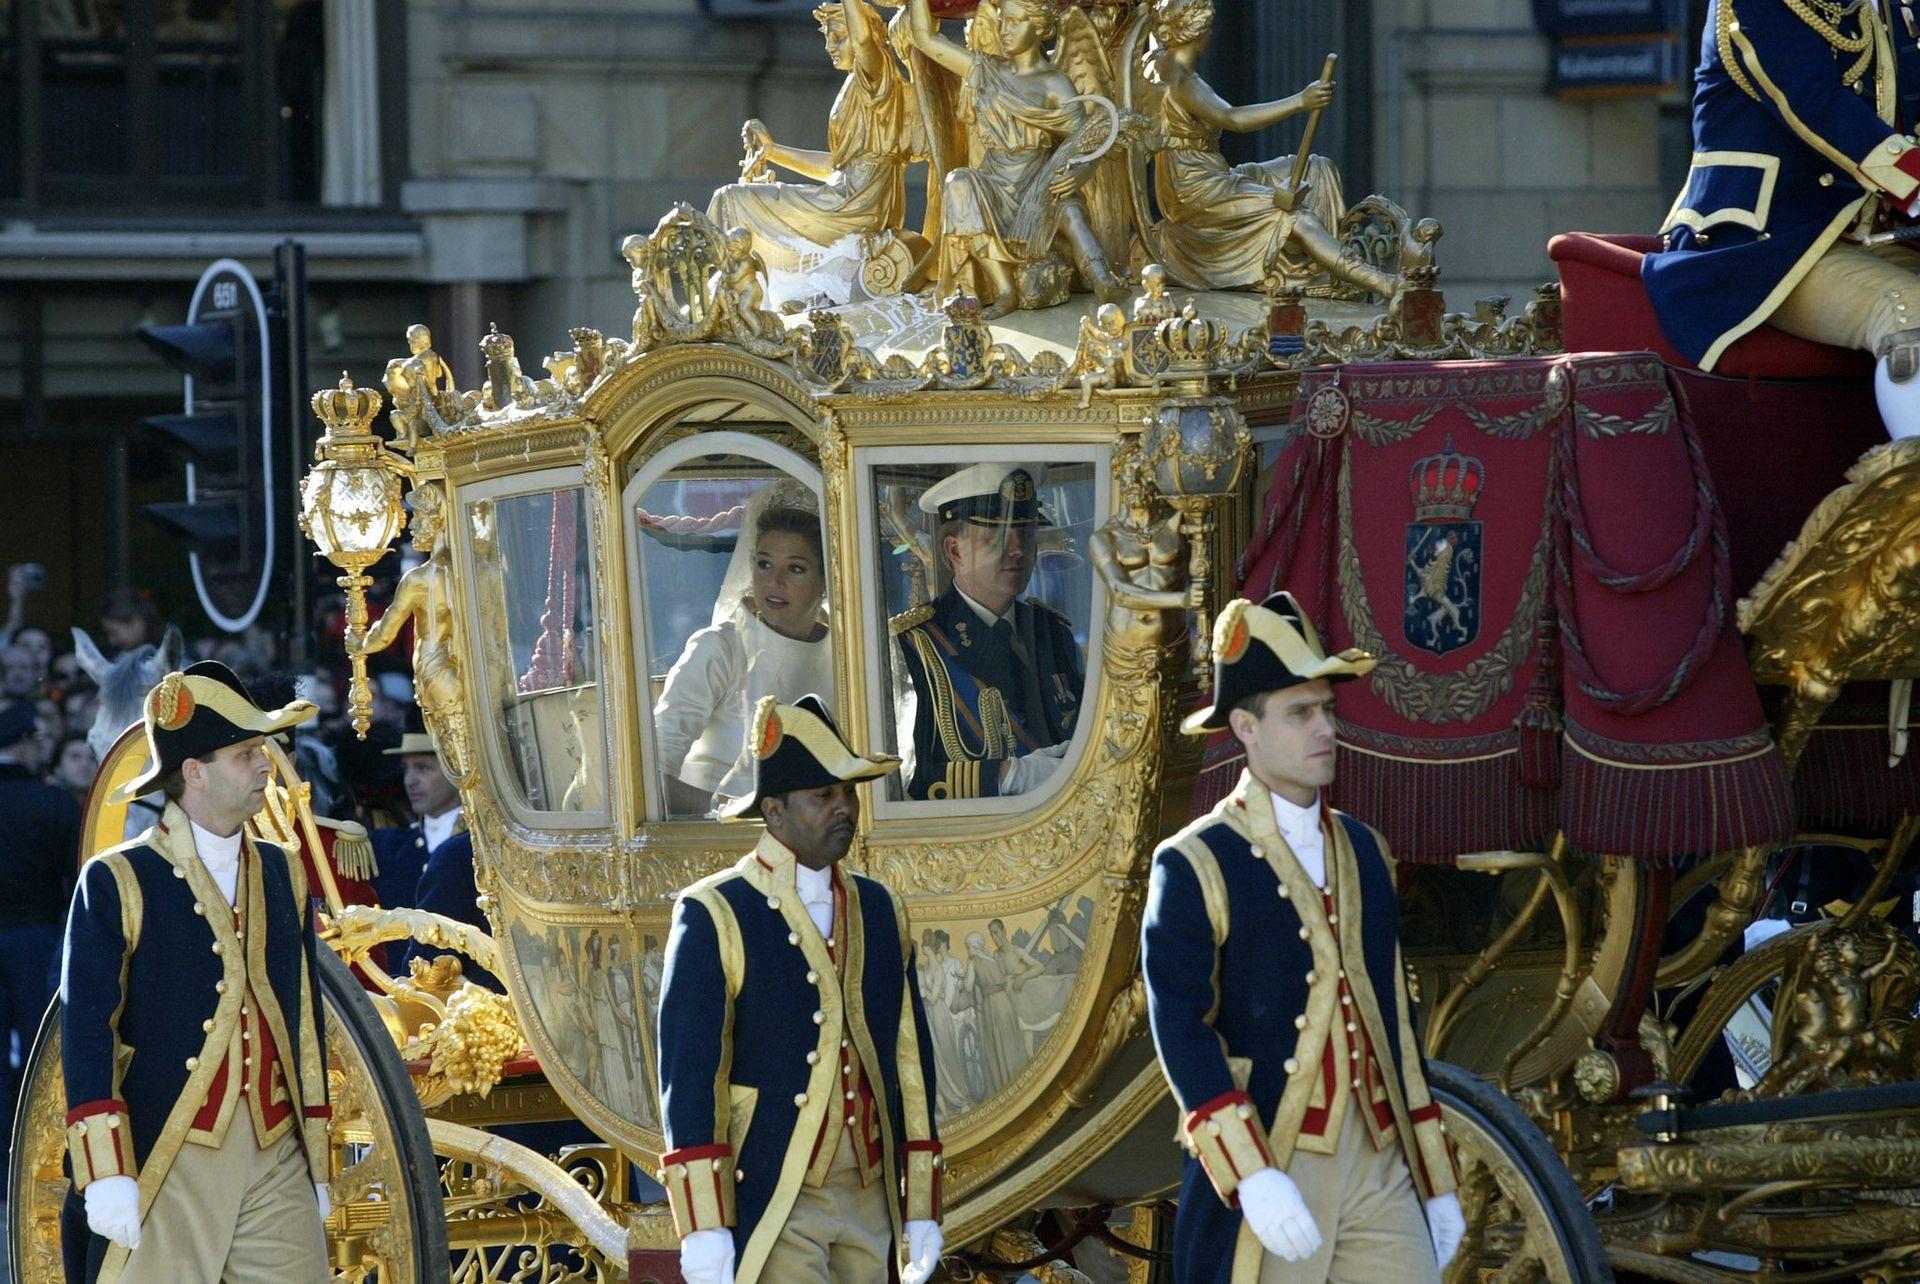 La carroza de oro en la que se desplazaron Máxima y Guillermo el día de su boda ahora está exhibida en un museo